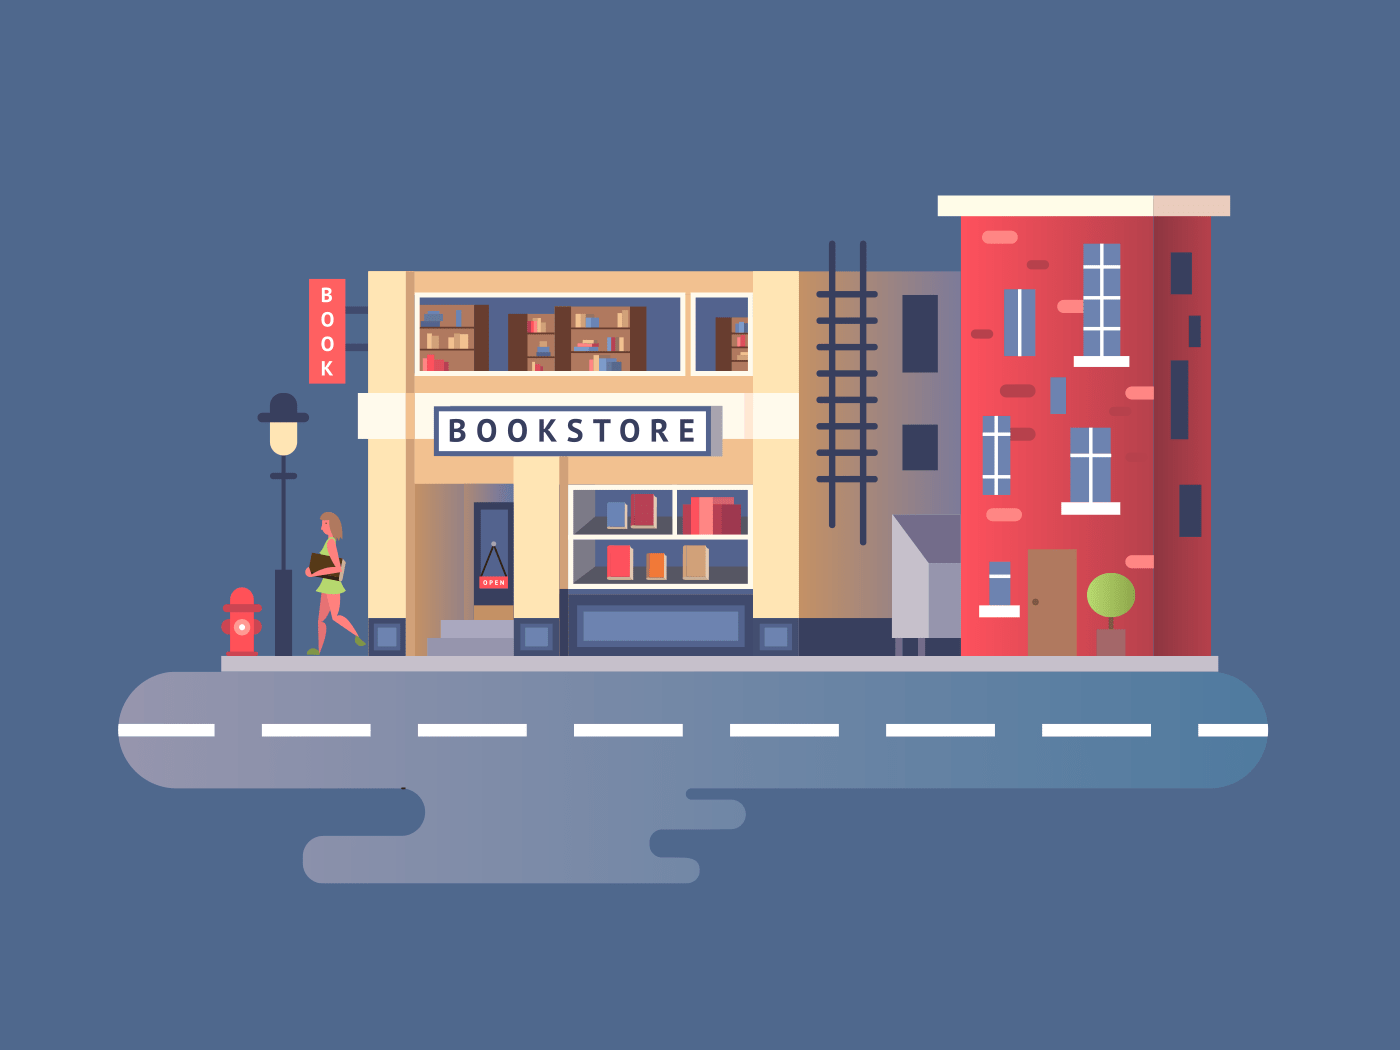 Book shop building illustration